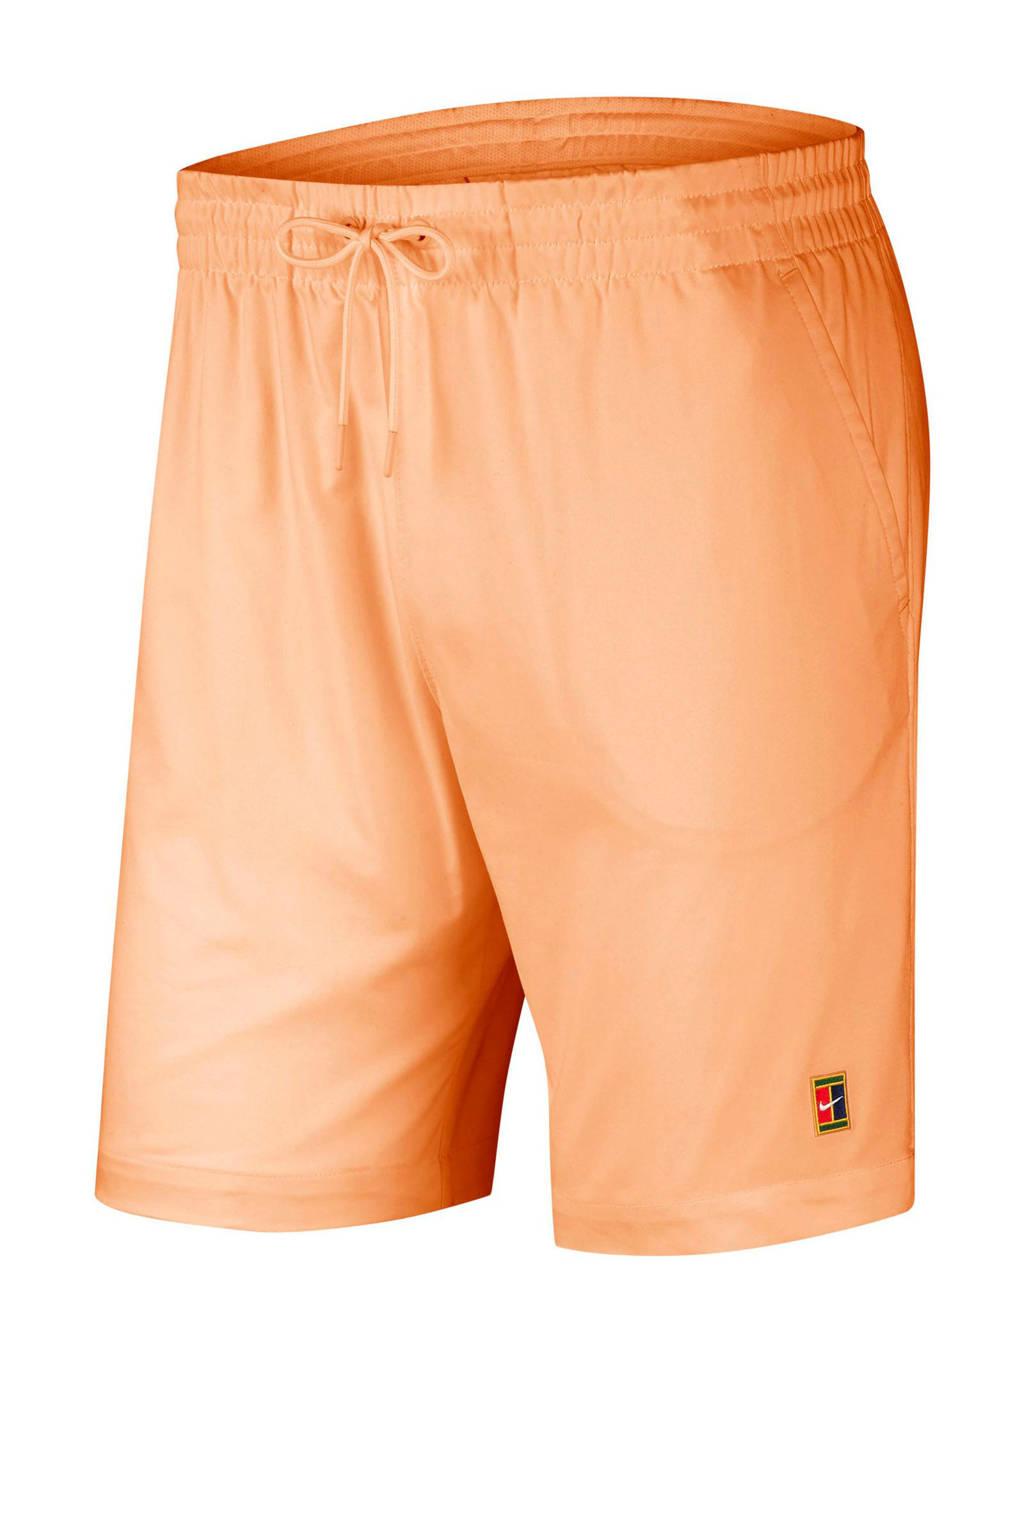 Nike   sportshort oranje, Oranje